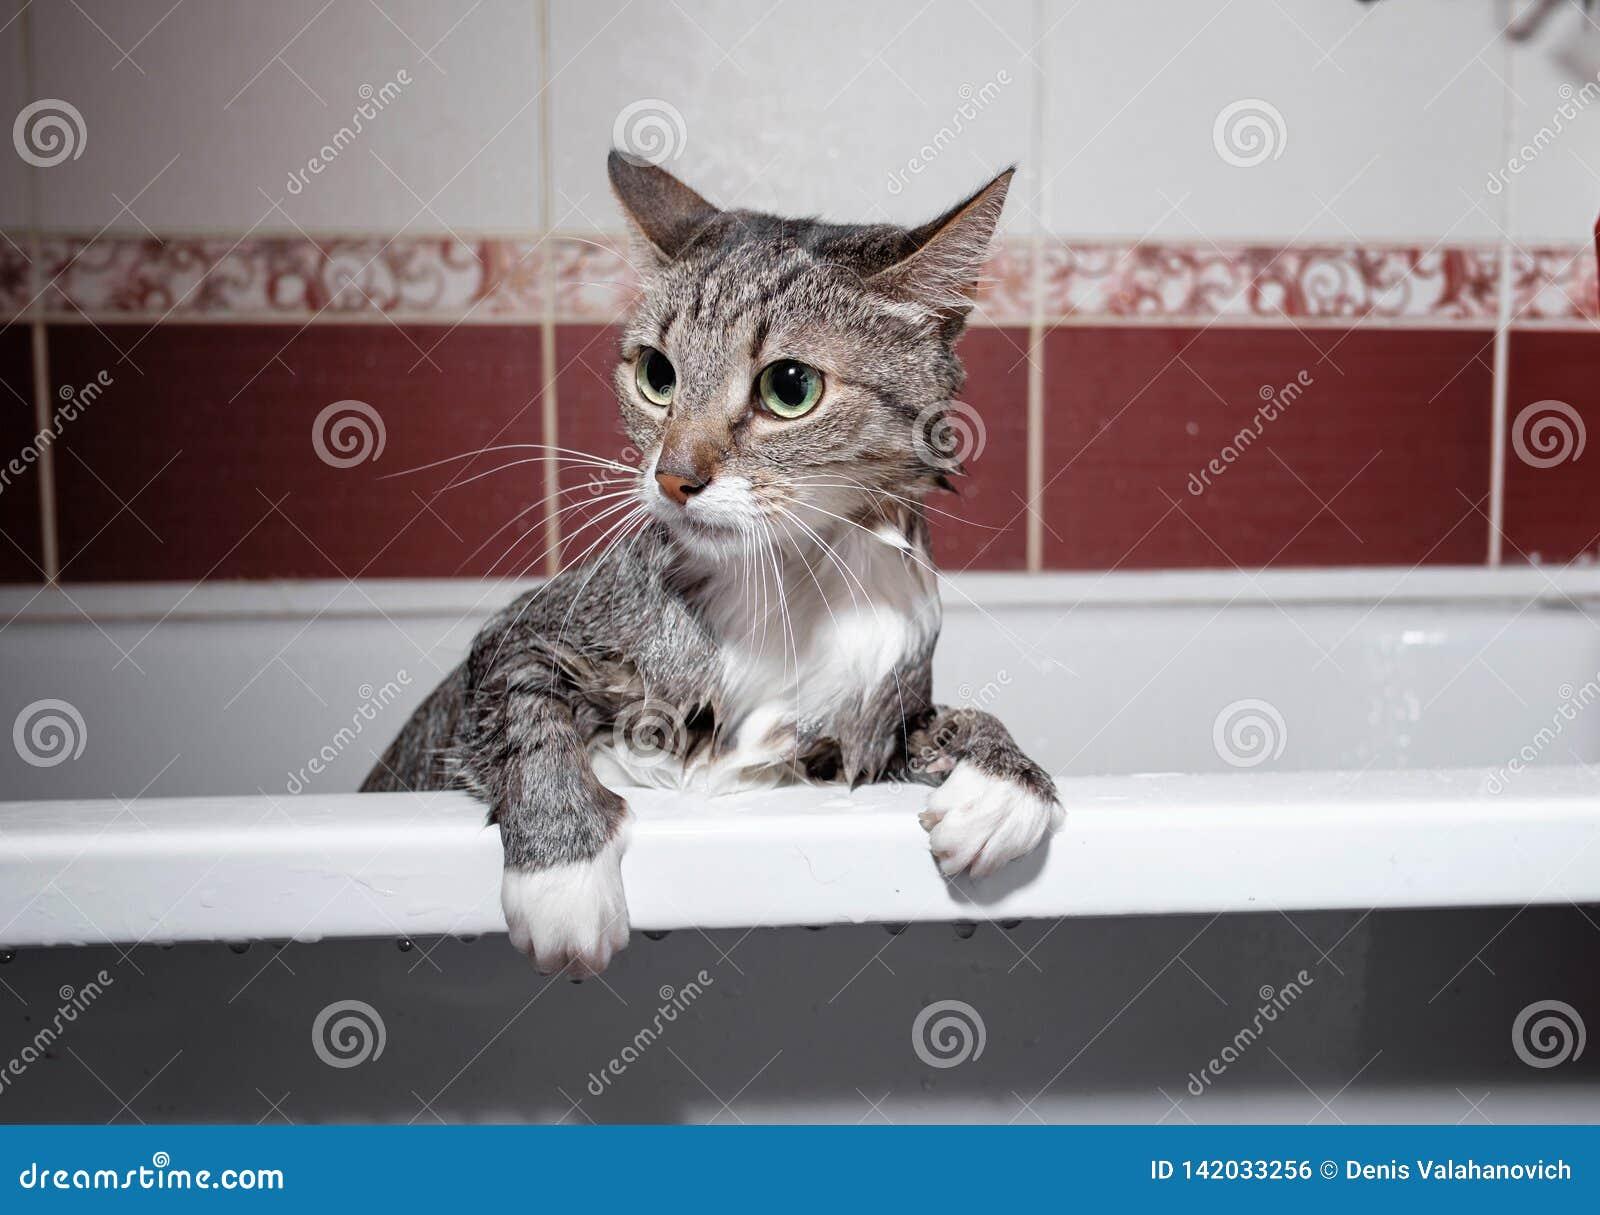 Wet Cat In Bathroom Stock Photo Image Of Humor Little 142033256